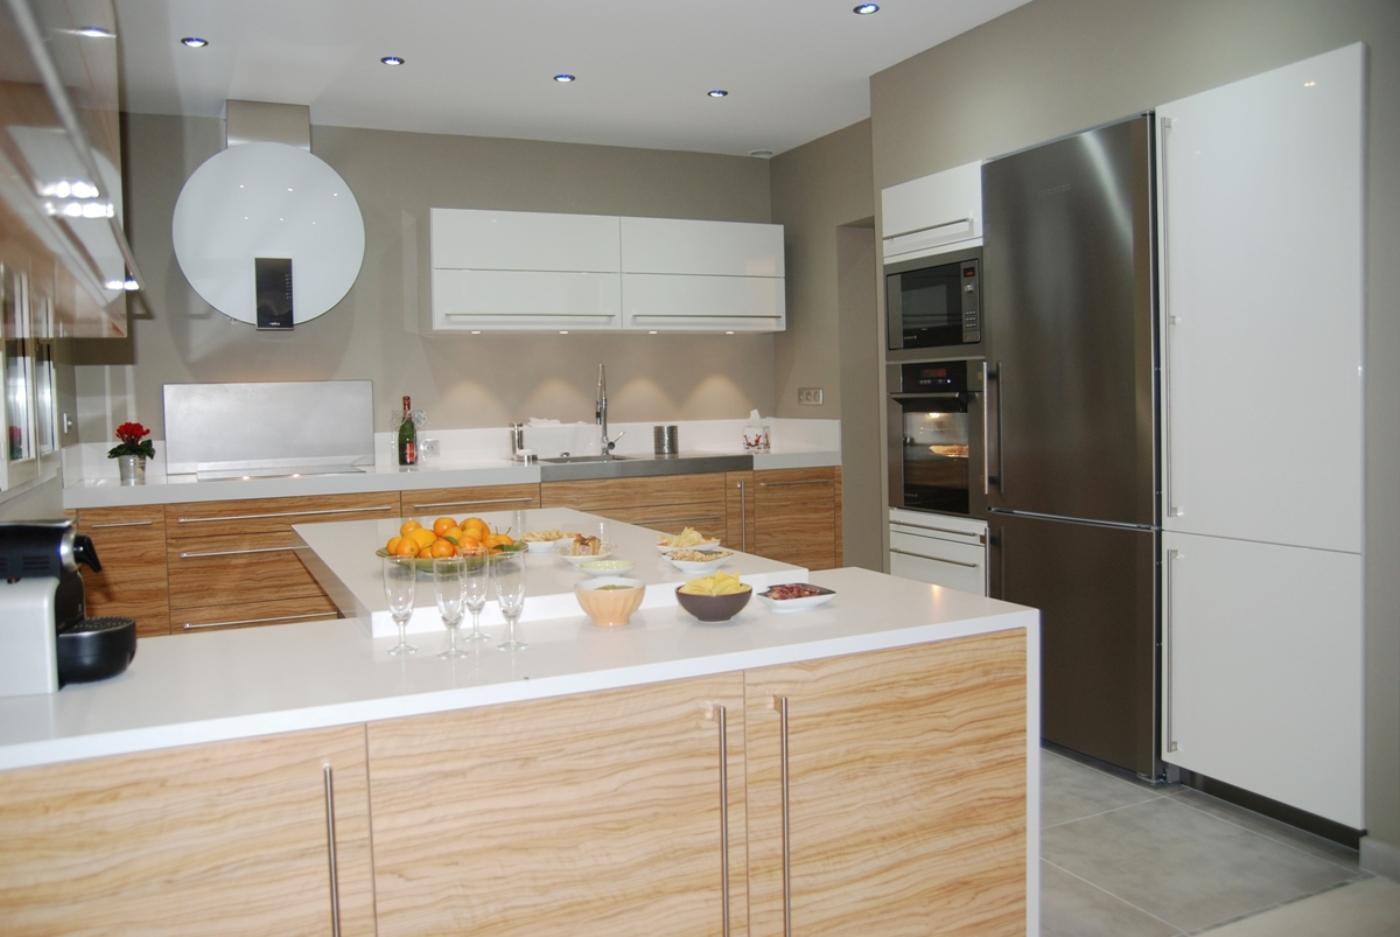 Faure agencement perene lyon cuisines salle de bains for Articles de cuisine ares